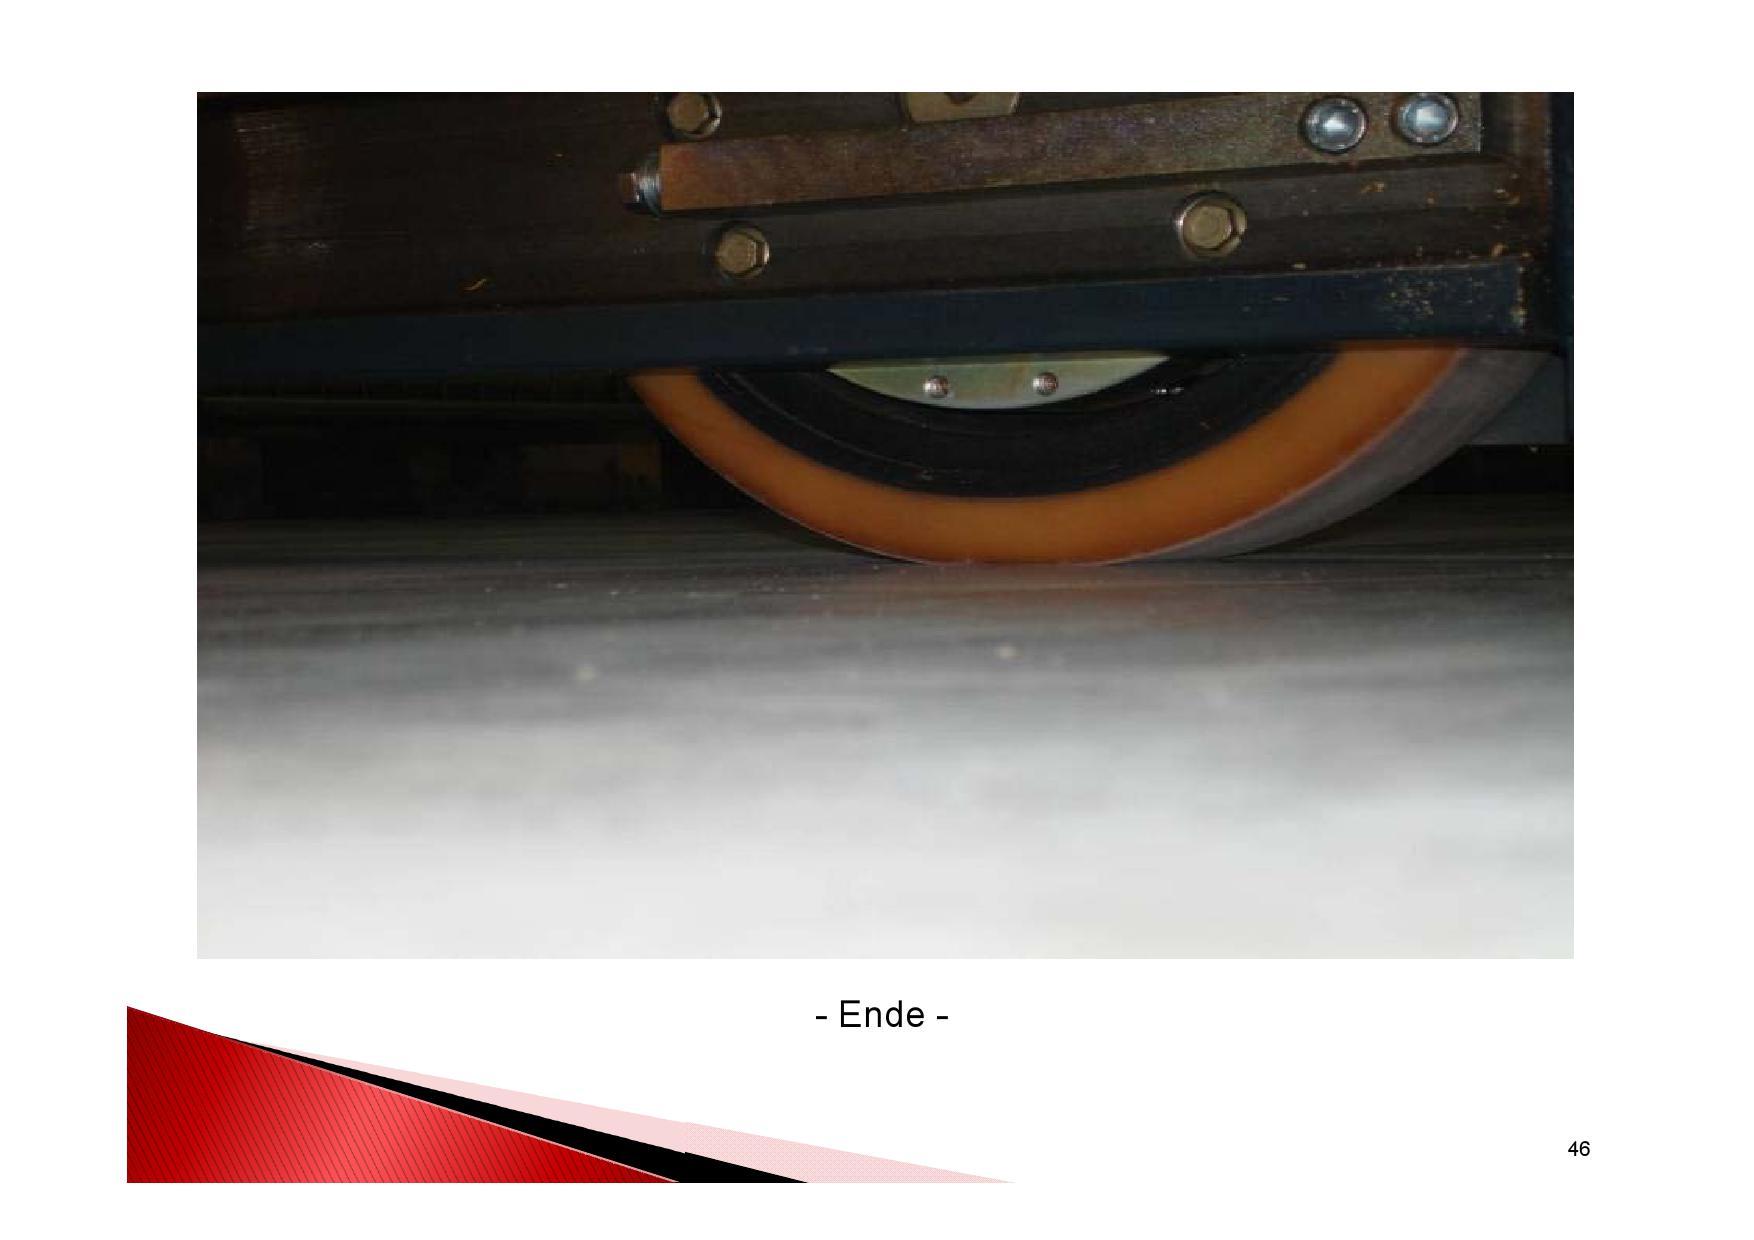 Industrieboden Herstellung: Praxistest Überfahren mit Förderbrücke